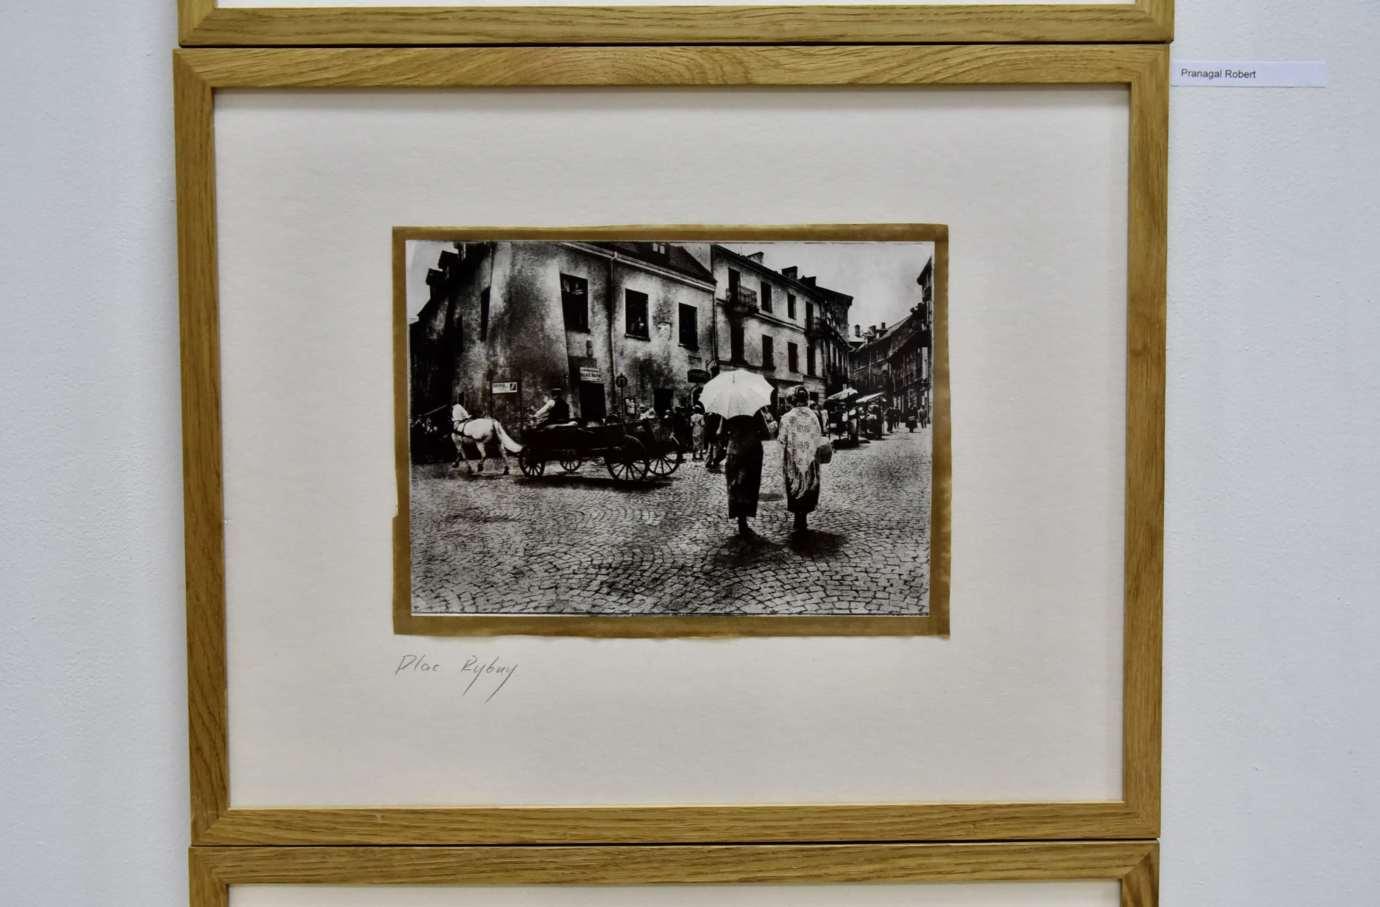 dsc 2570 Wystawa 66 limitowanych fotografii do zobaczenia w ZDK (zdjęcia)